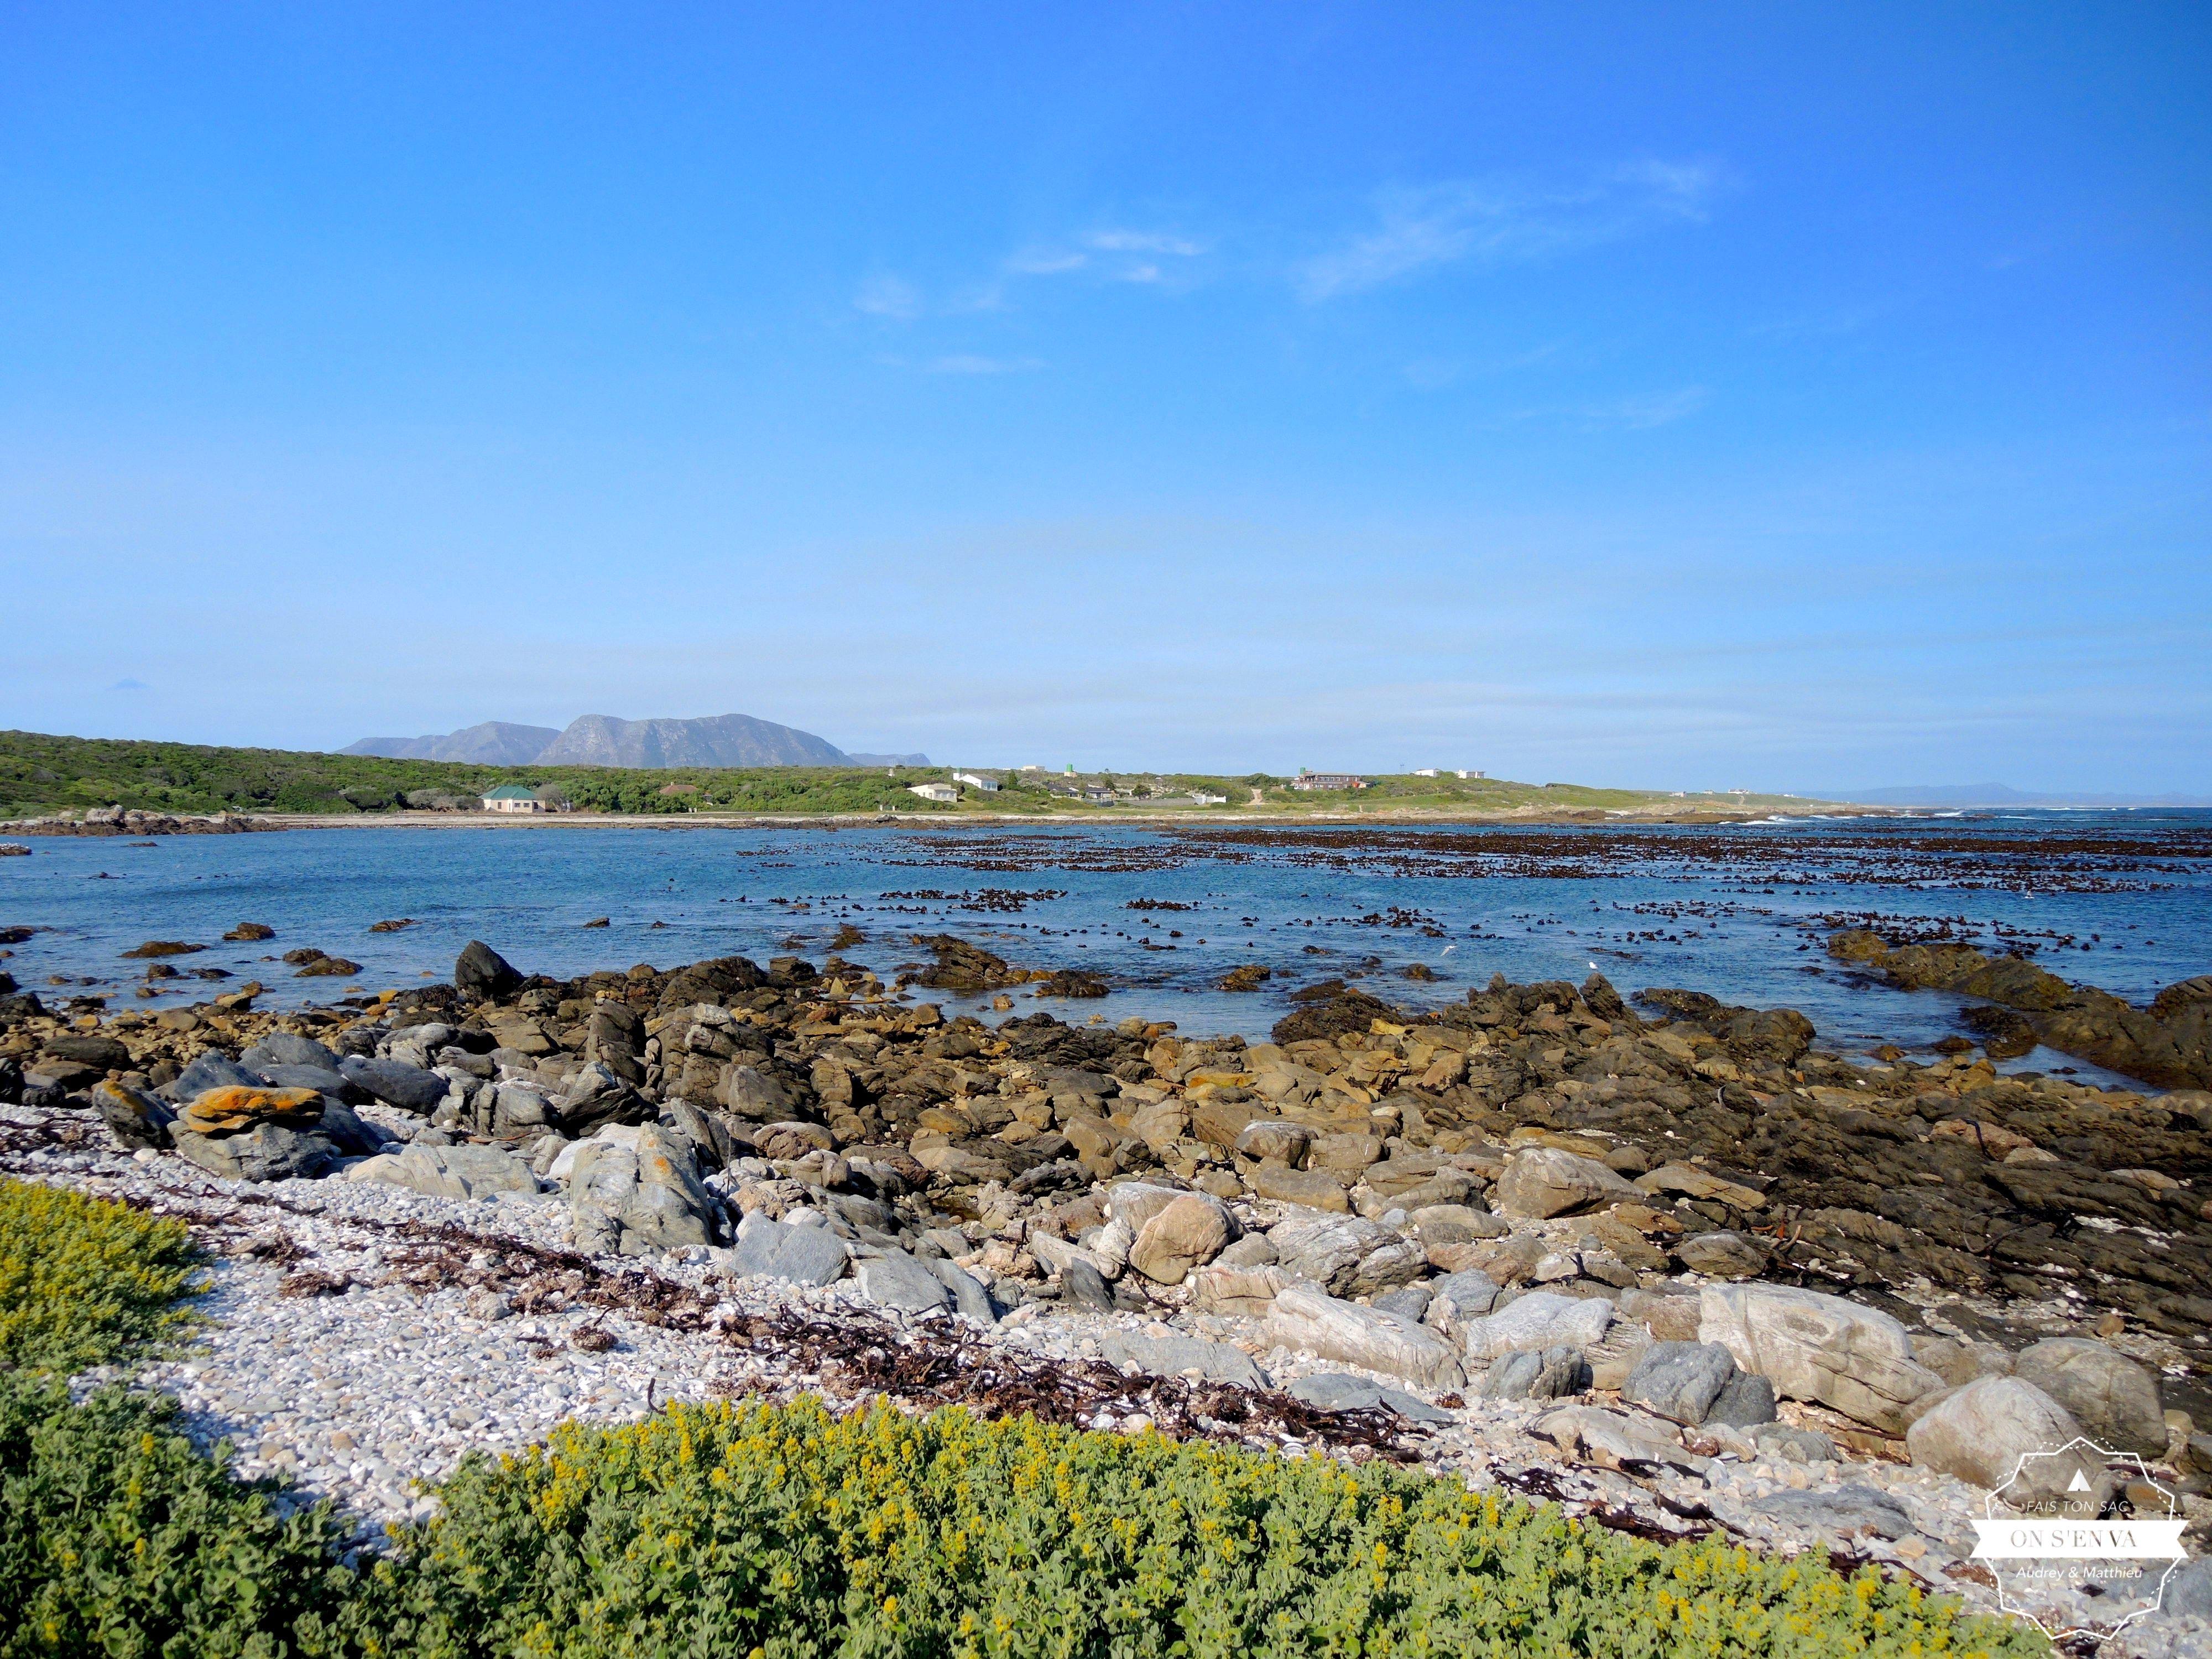 Sur la côte, près d'Hermanus